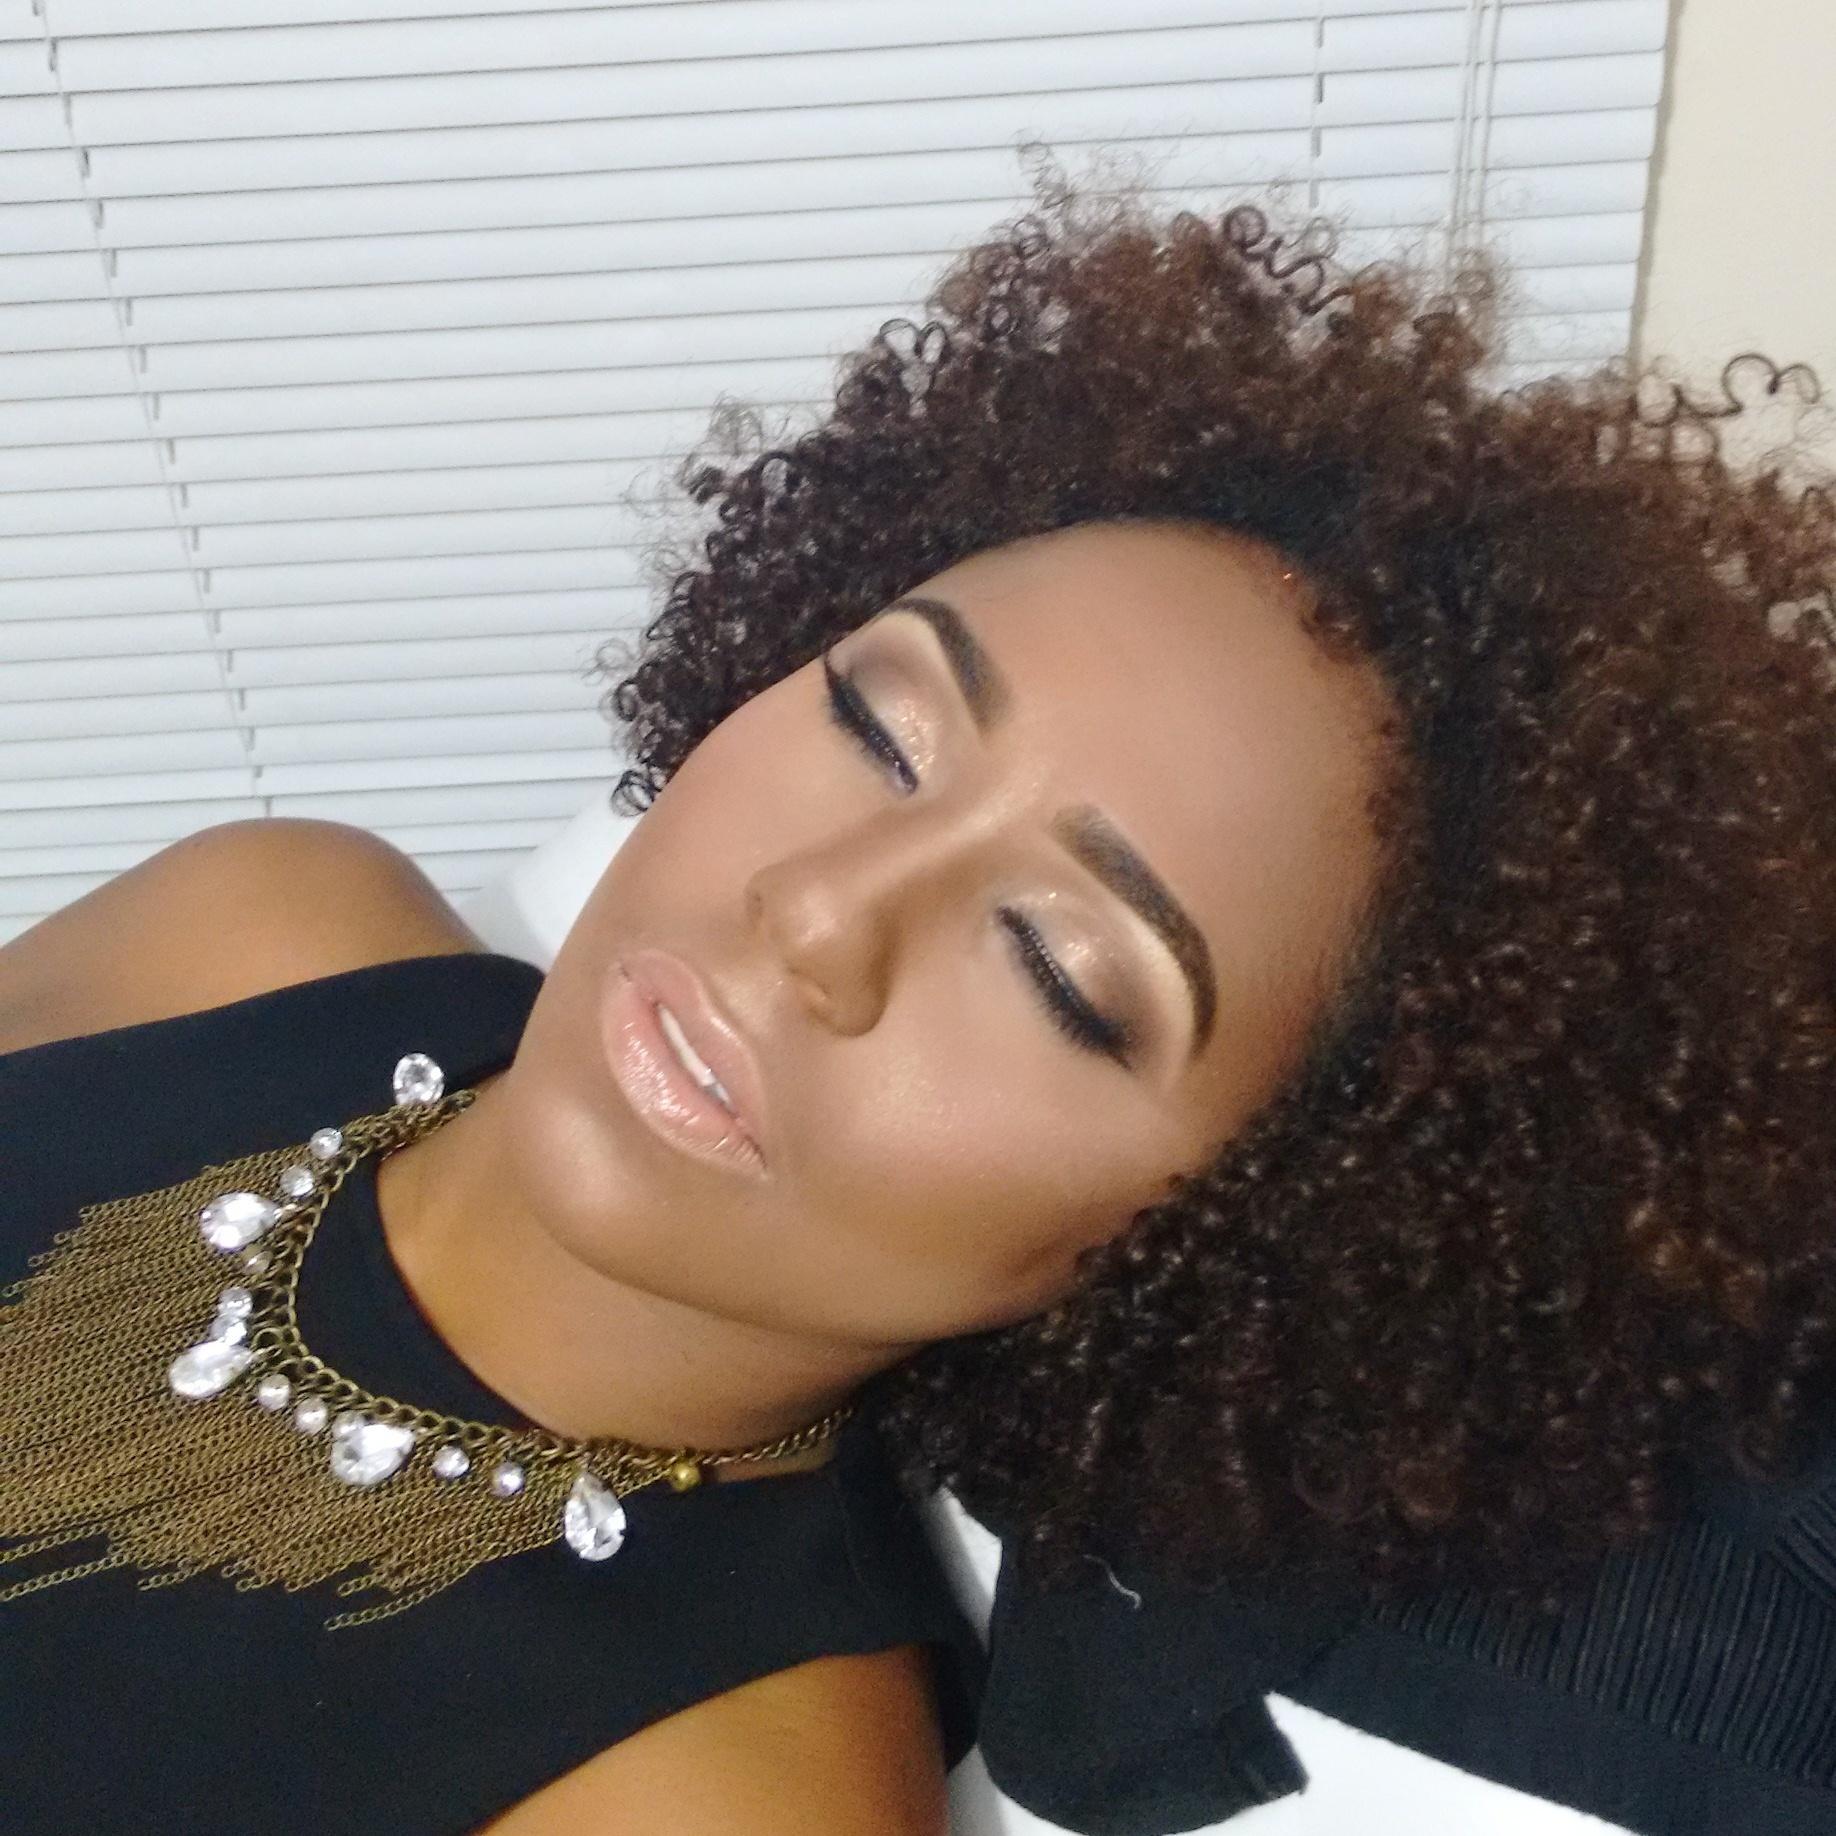 Preciso dizer o quanto amo meu trabalho? Make para a finalista do concurso Beleza Negra, modelete lindaa! #conncursobelezanegra #belezanegra #belezanatural #pelenegra #julianaribeirolacra #julianaribeiromaquiagem #maquiagemnegras #maccosmetics #anastasiabeverlyhills #anastasiabrows #sobrancelhasperfeitas #designdesobrancelhas #makeup #maquiagem #loucaspormaquiagem #cabelosdegrife #alcantara #contem1g #dailus #bride #wedding #prewedding #noivas #alcantara #ricosti #cerimonial #ouniversodasnoivas #maquiagemx #make #maquiagem #desfiledemoda maquiagem maquiador(a) designer de sobrancelhas